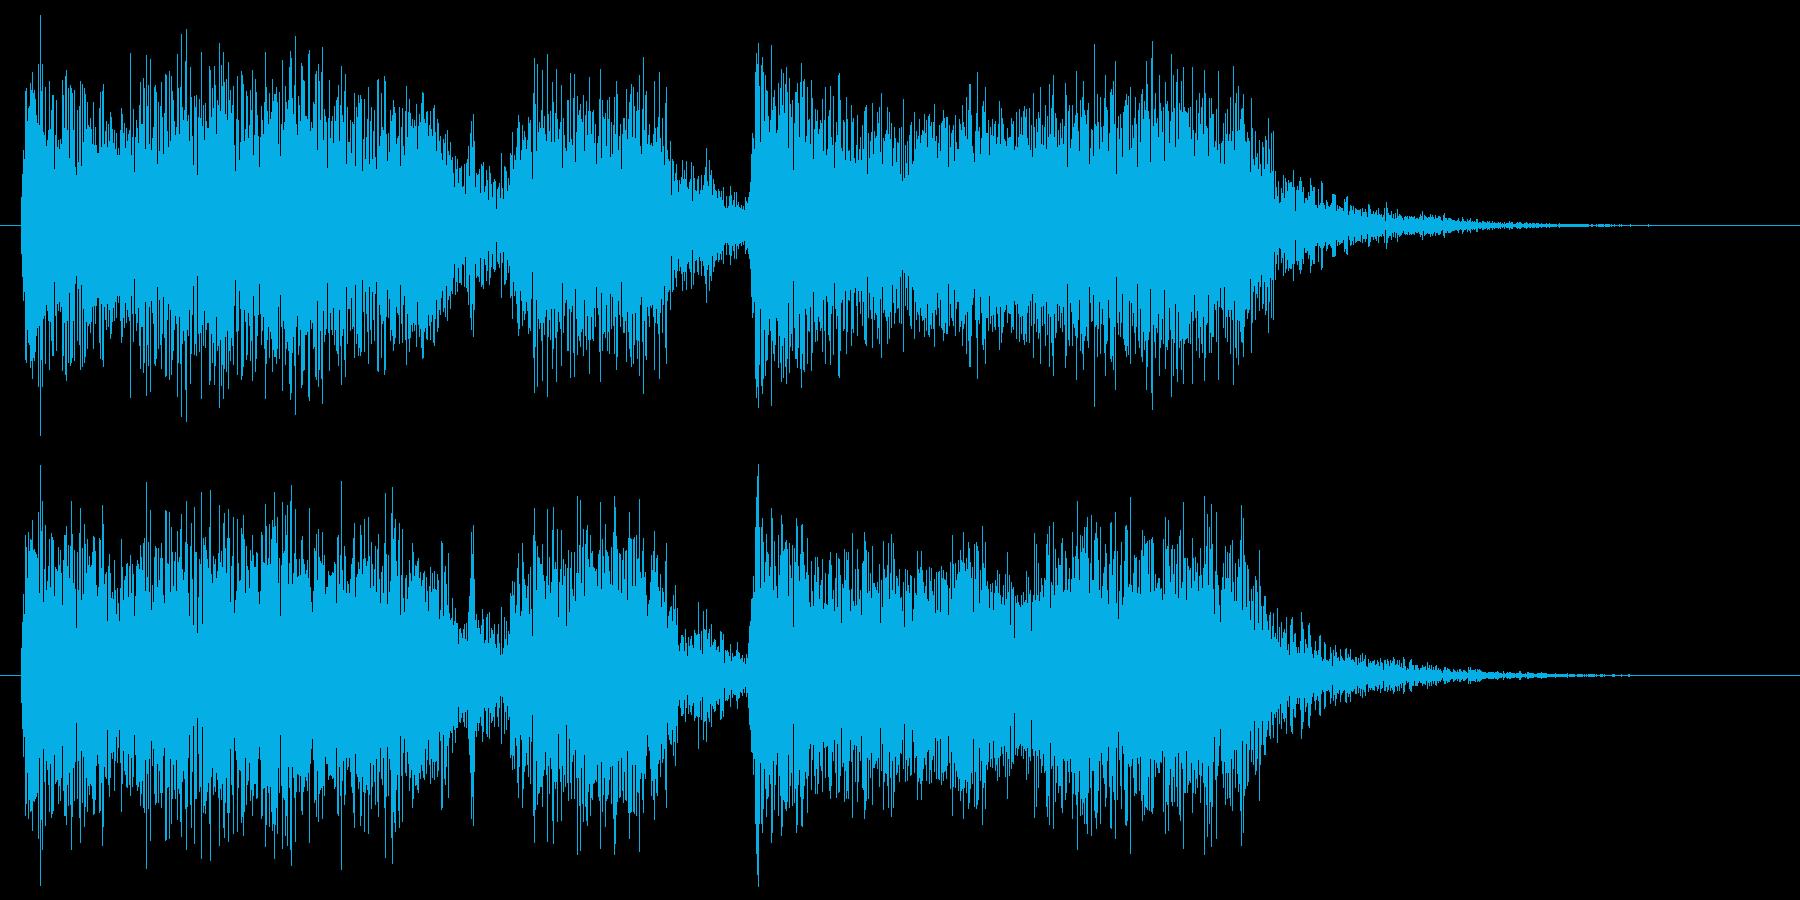 メタルギターフレーズ クラシカルなシメの再生済みの波形